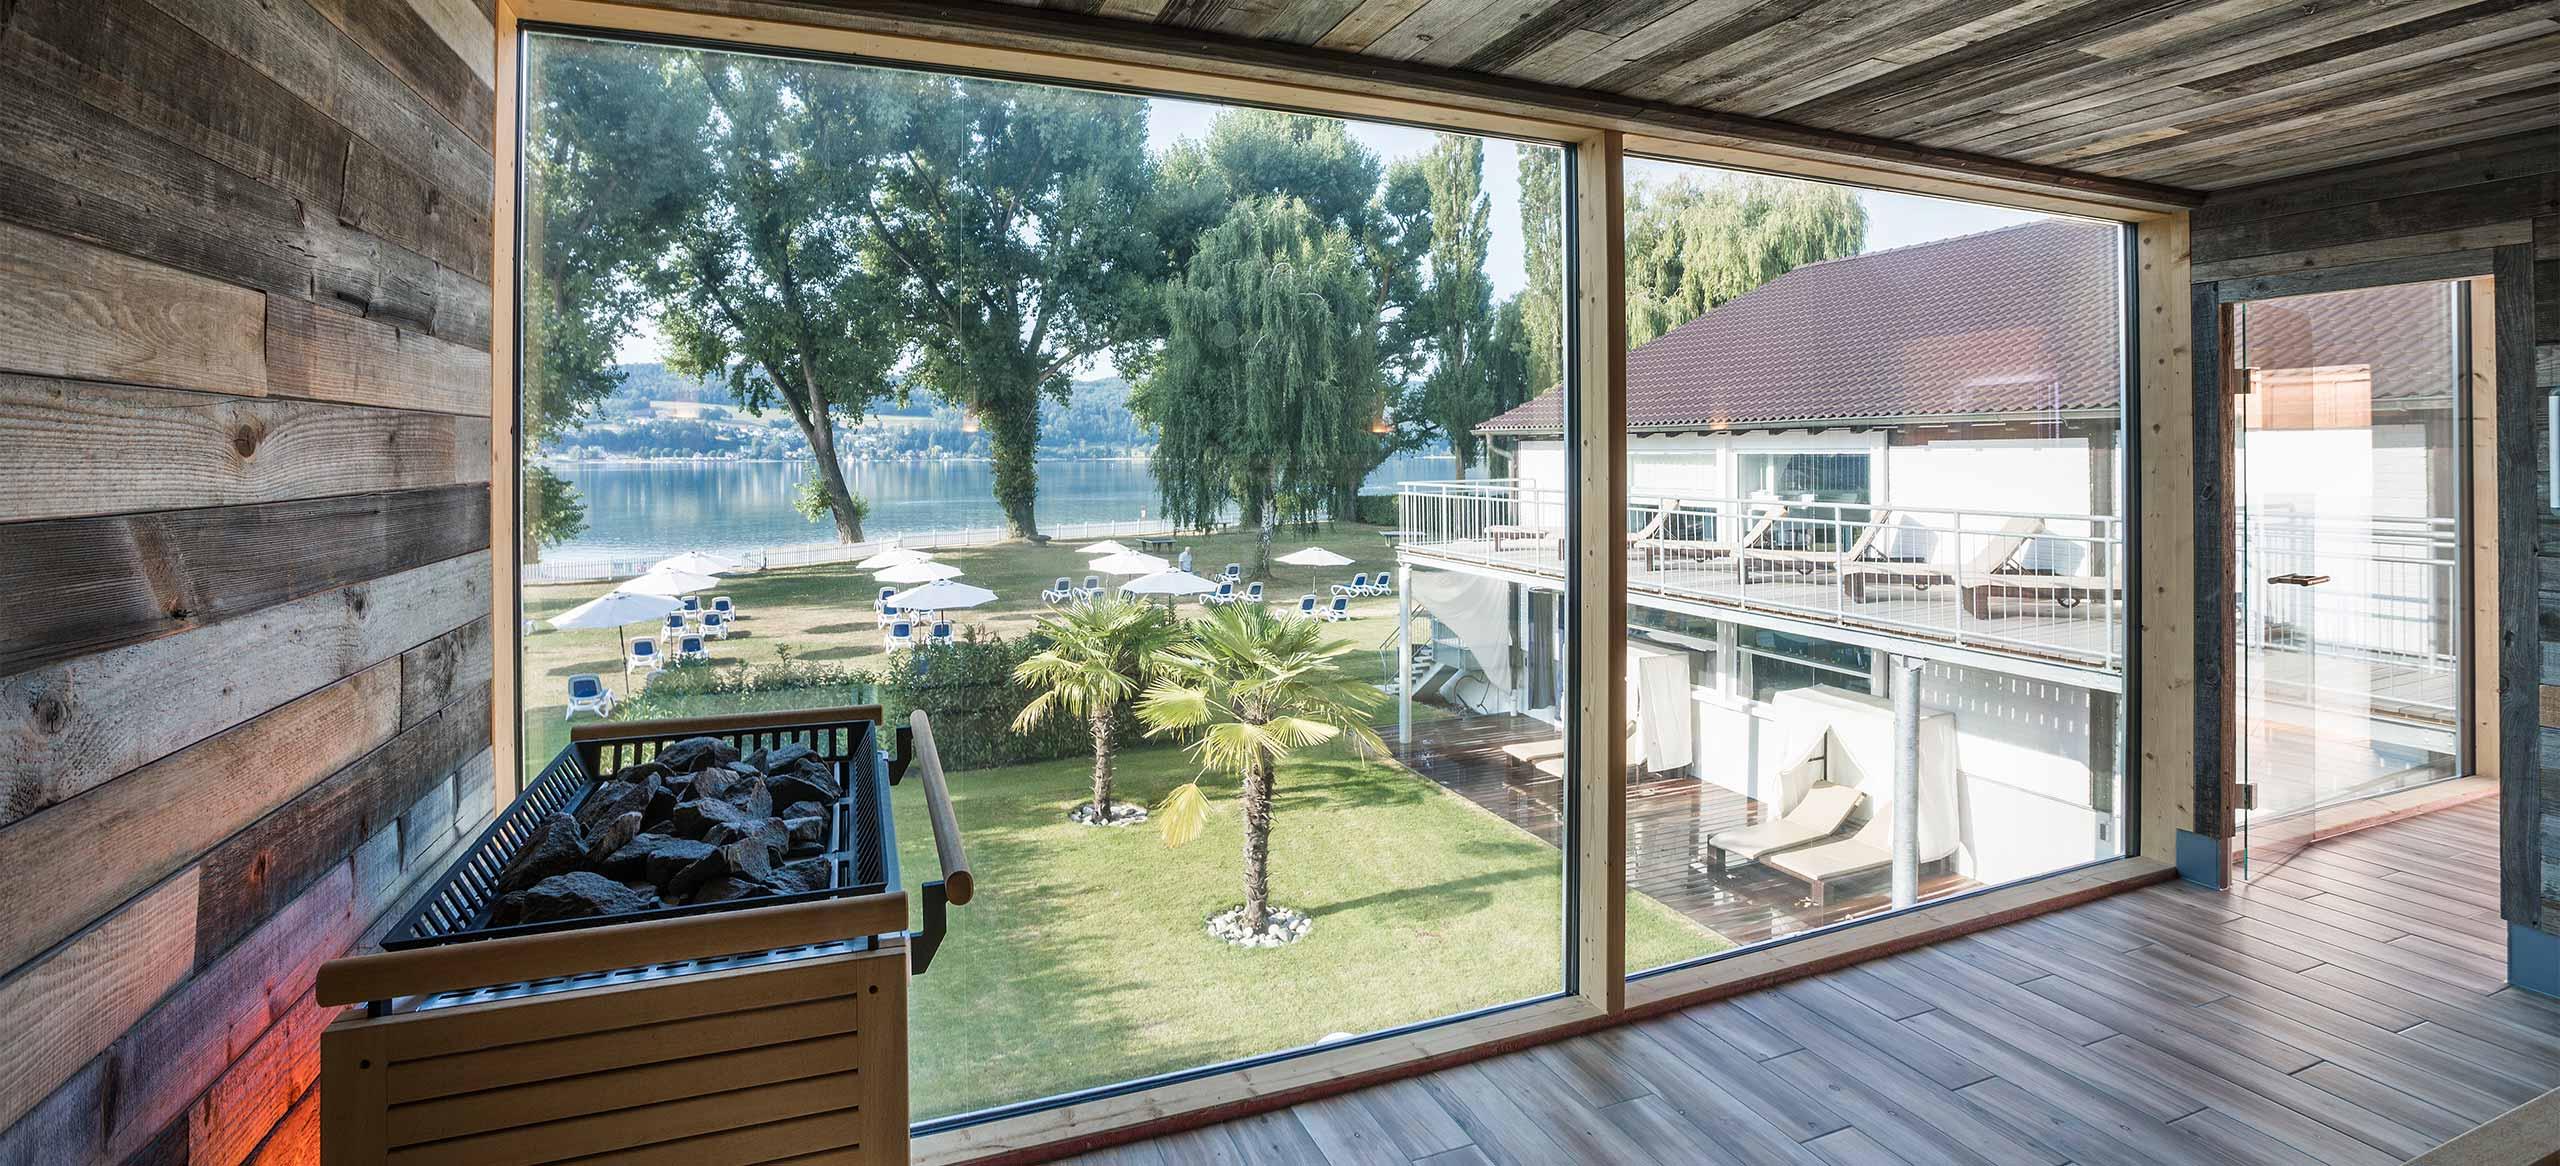 Wellnessbereich SEE SPA des Hotel HOERI am Bodensee